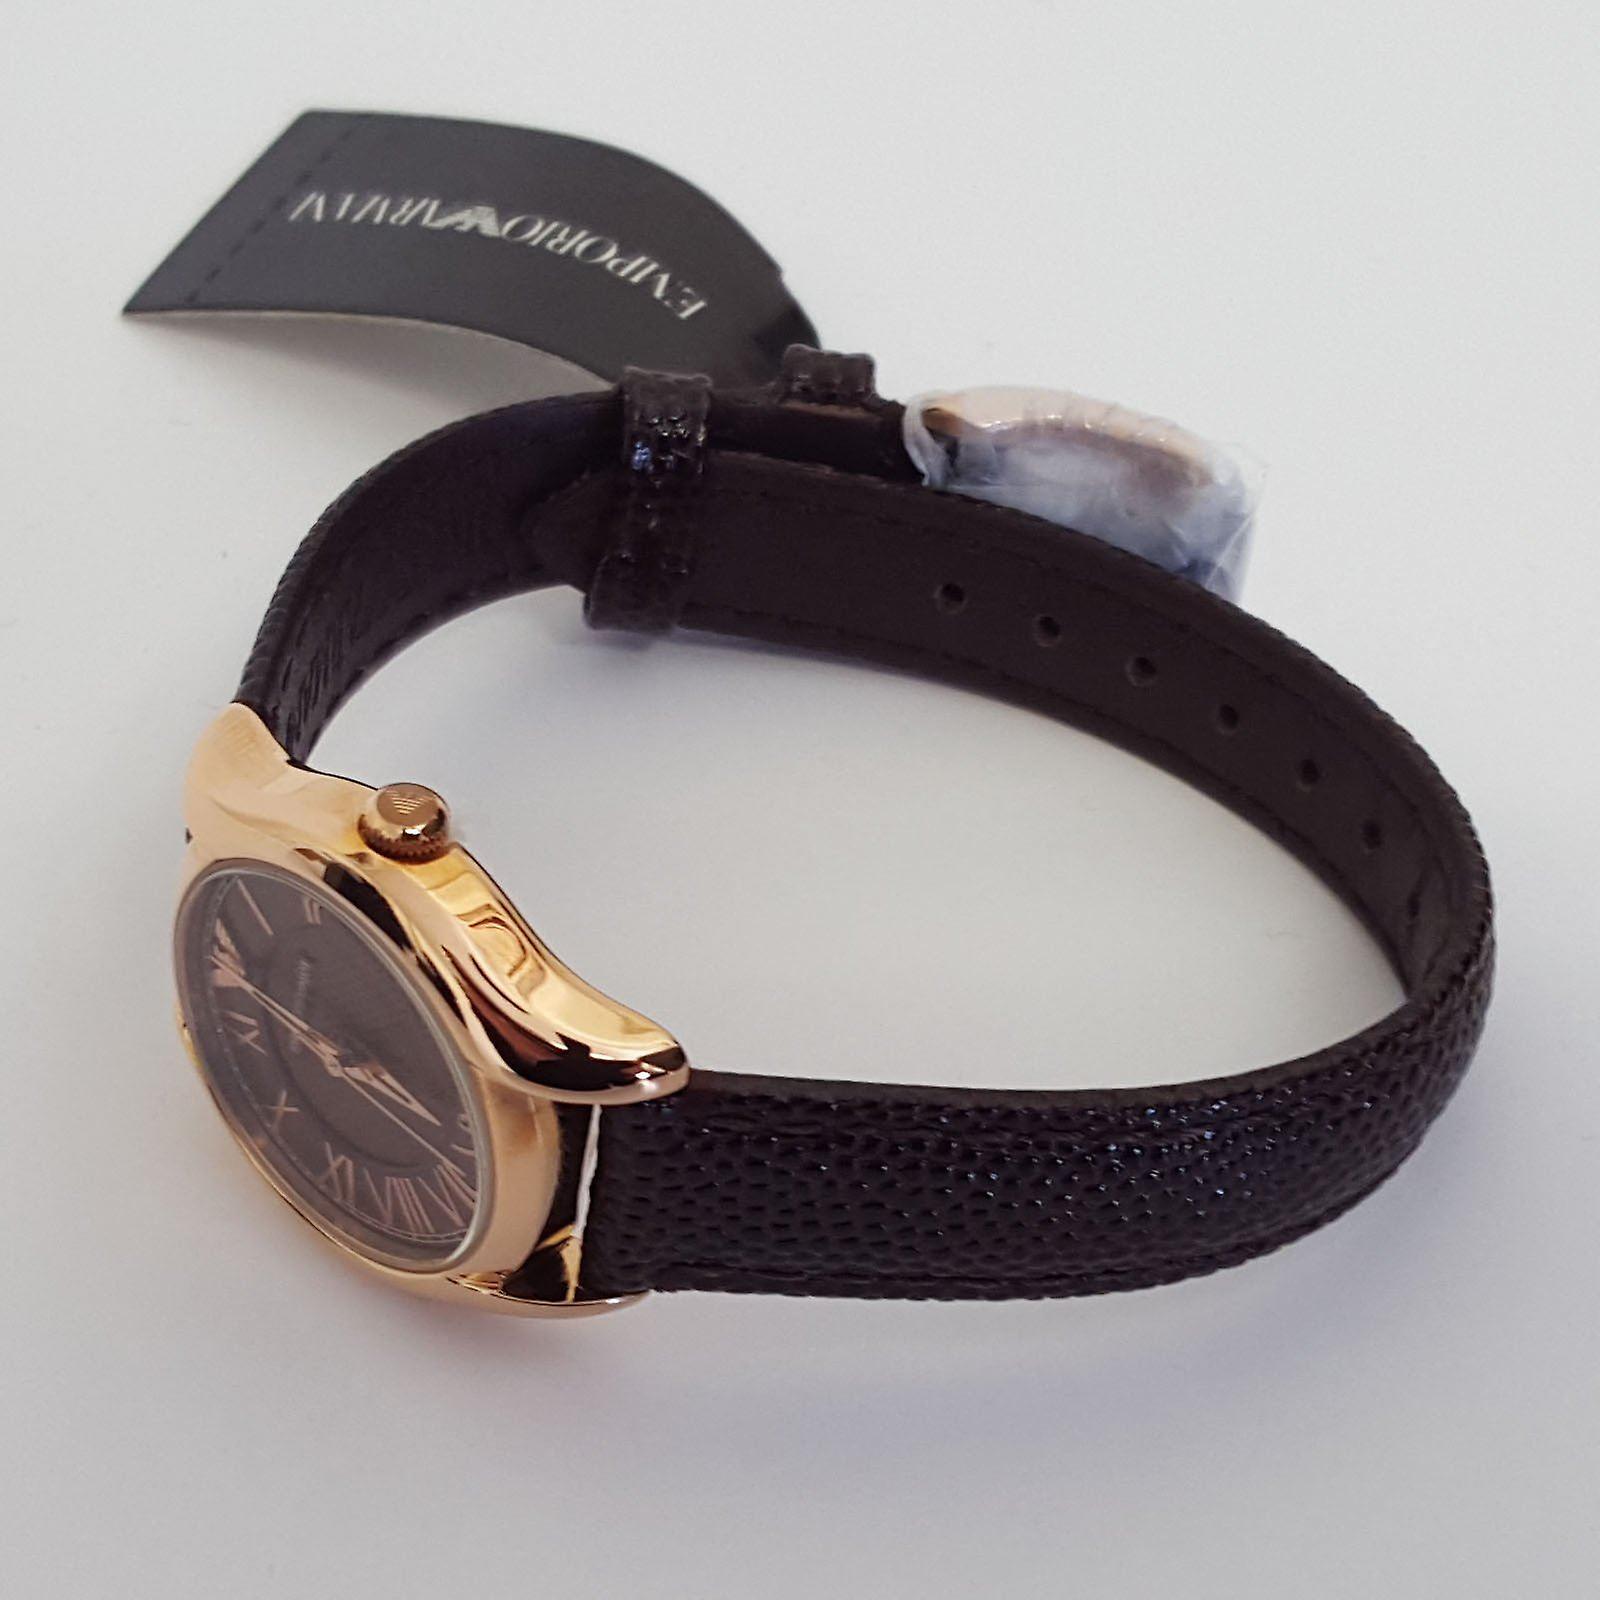 エンポリオ ・ アルマーニ レディース時計 AR1714 希望小売価格 £229 茶色ローズゴールド英国保証販売時計します。